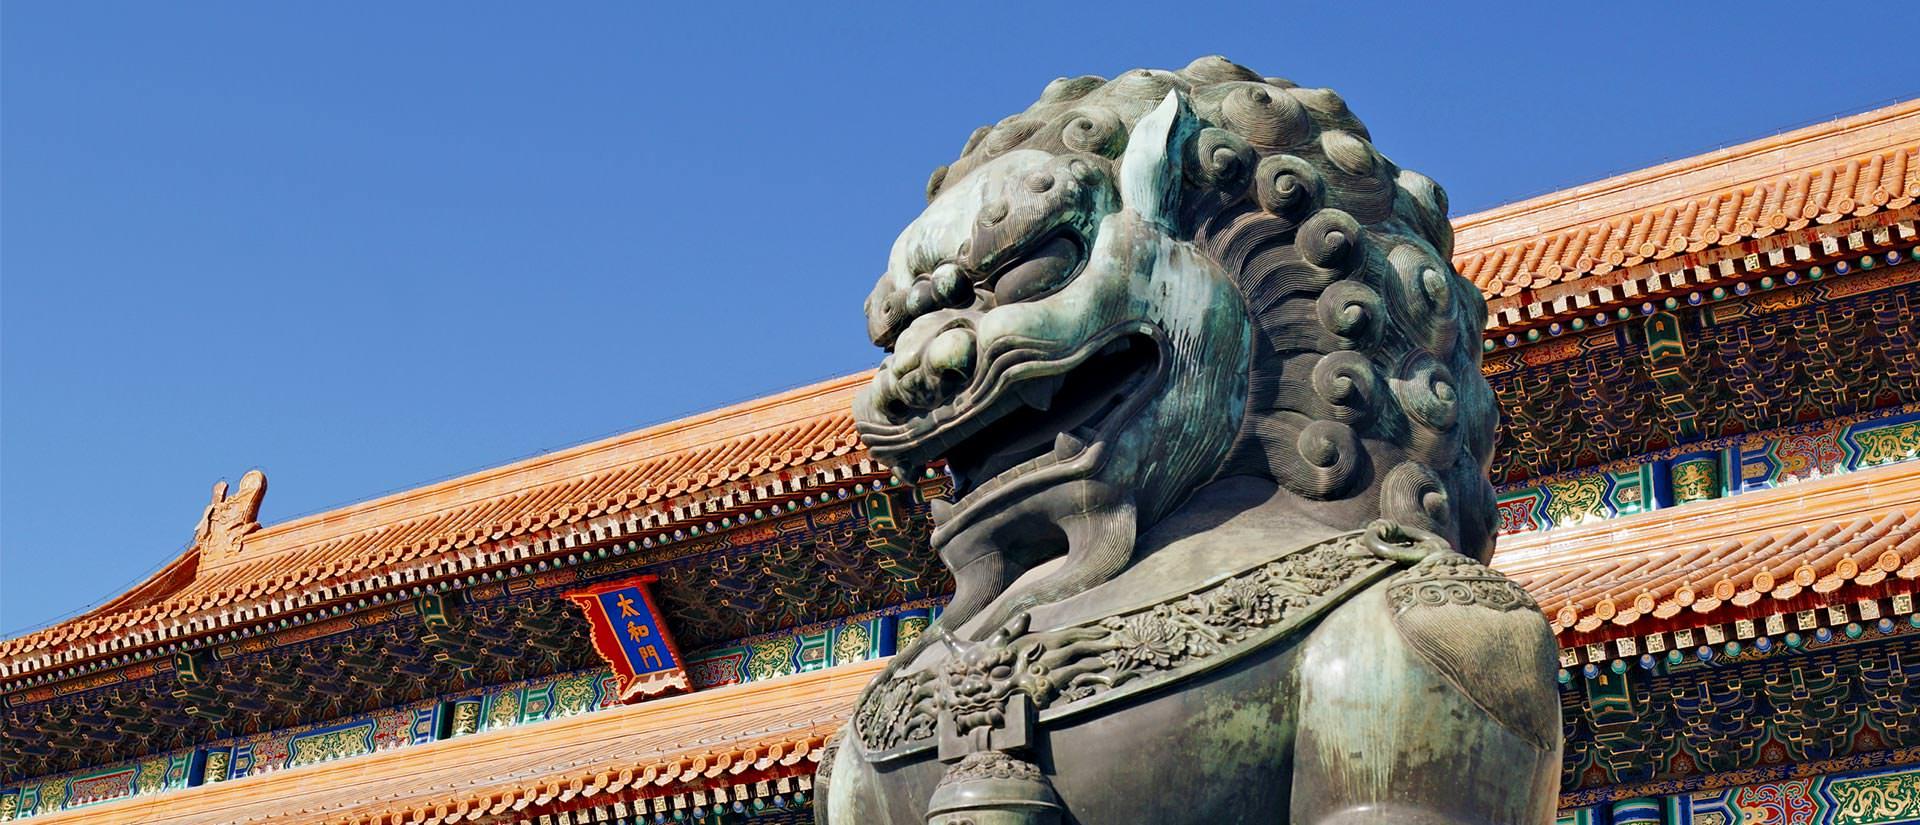 הכניסה לעיר האסורה בבייג'ינג